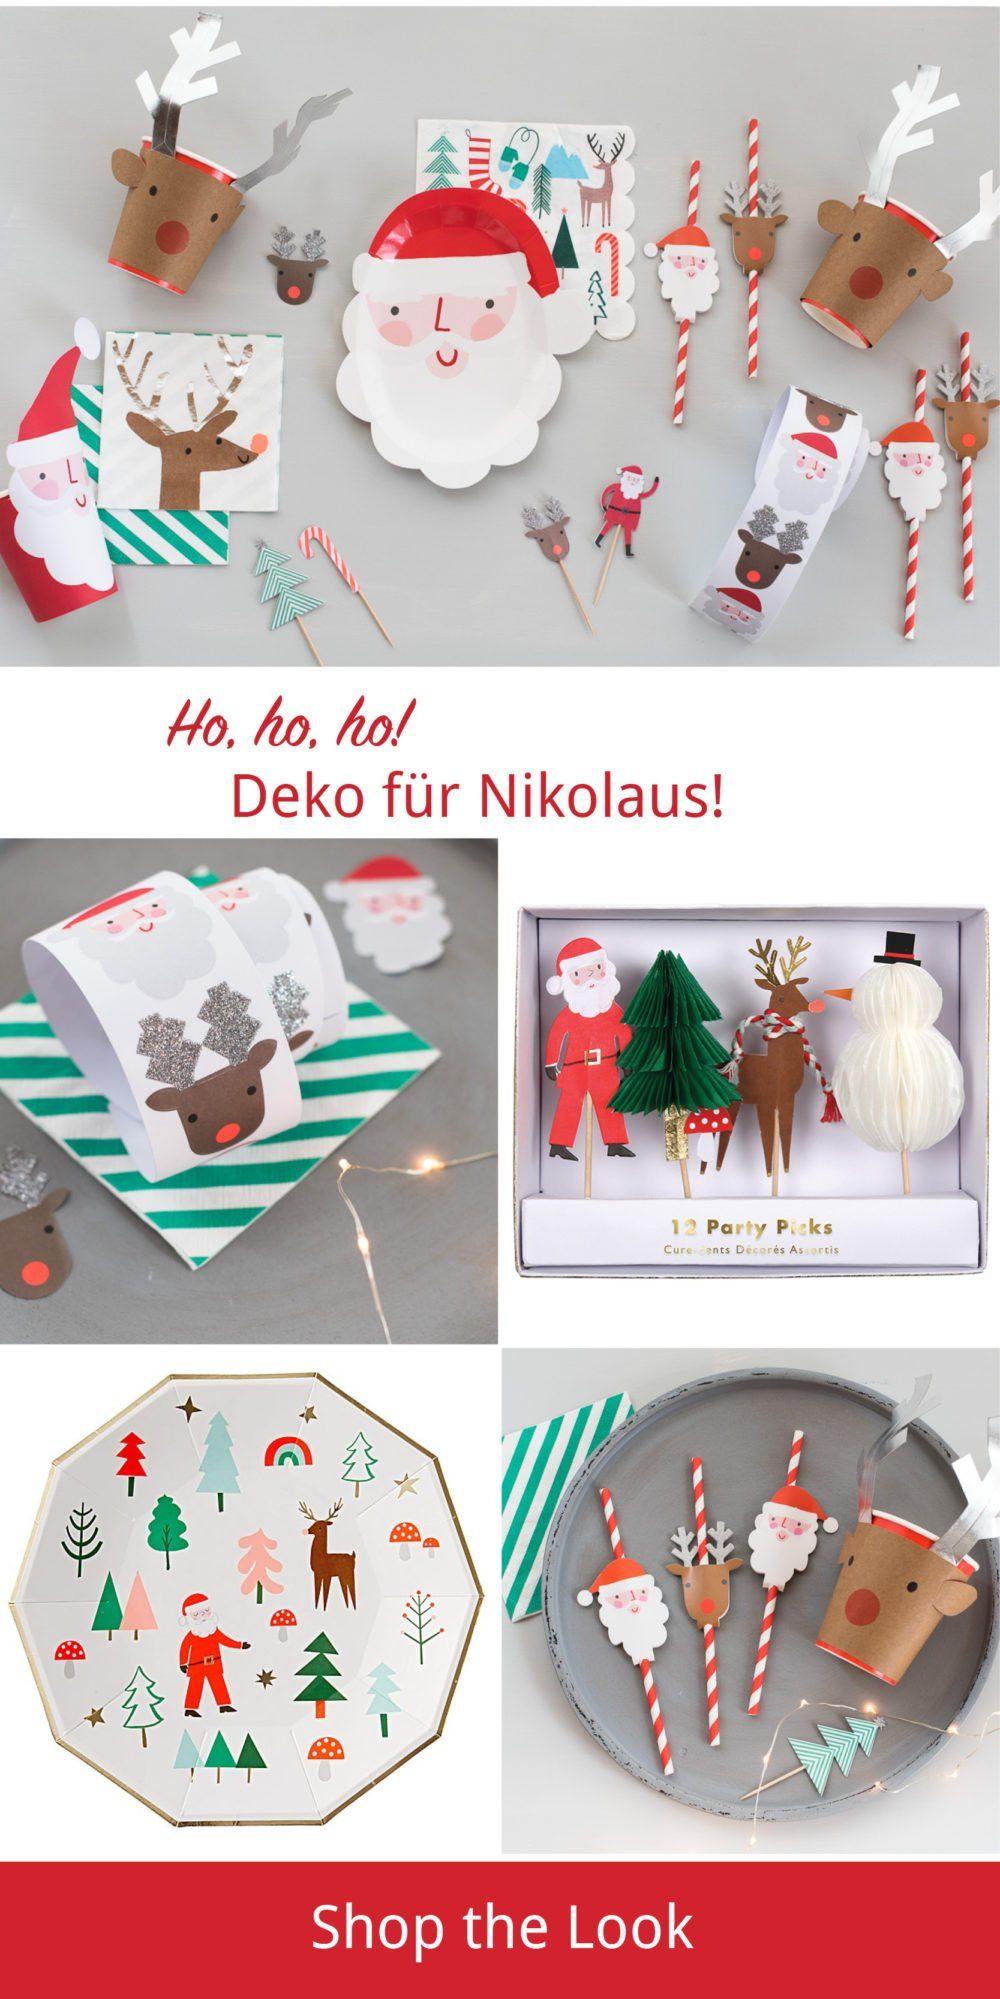 dekoration nikolaus party hochzeitsblog fr ulein k sagt. Black Bedroom Furniture Sets. Home Design Ideas